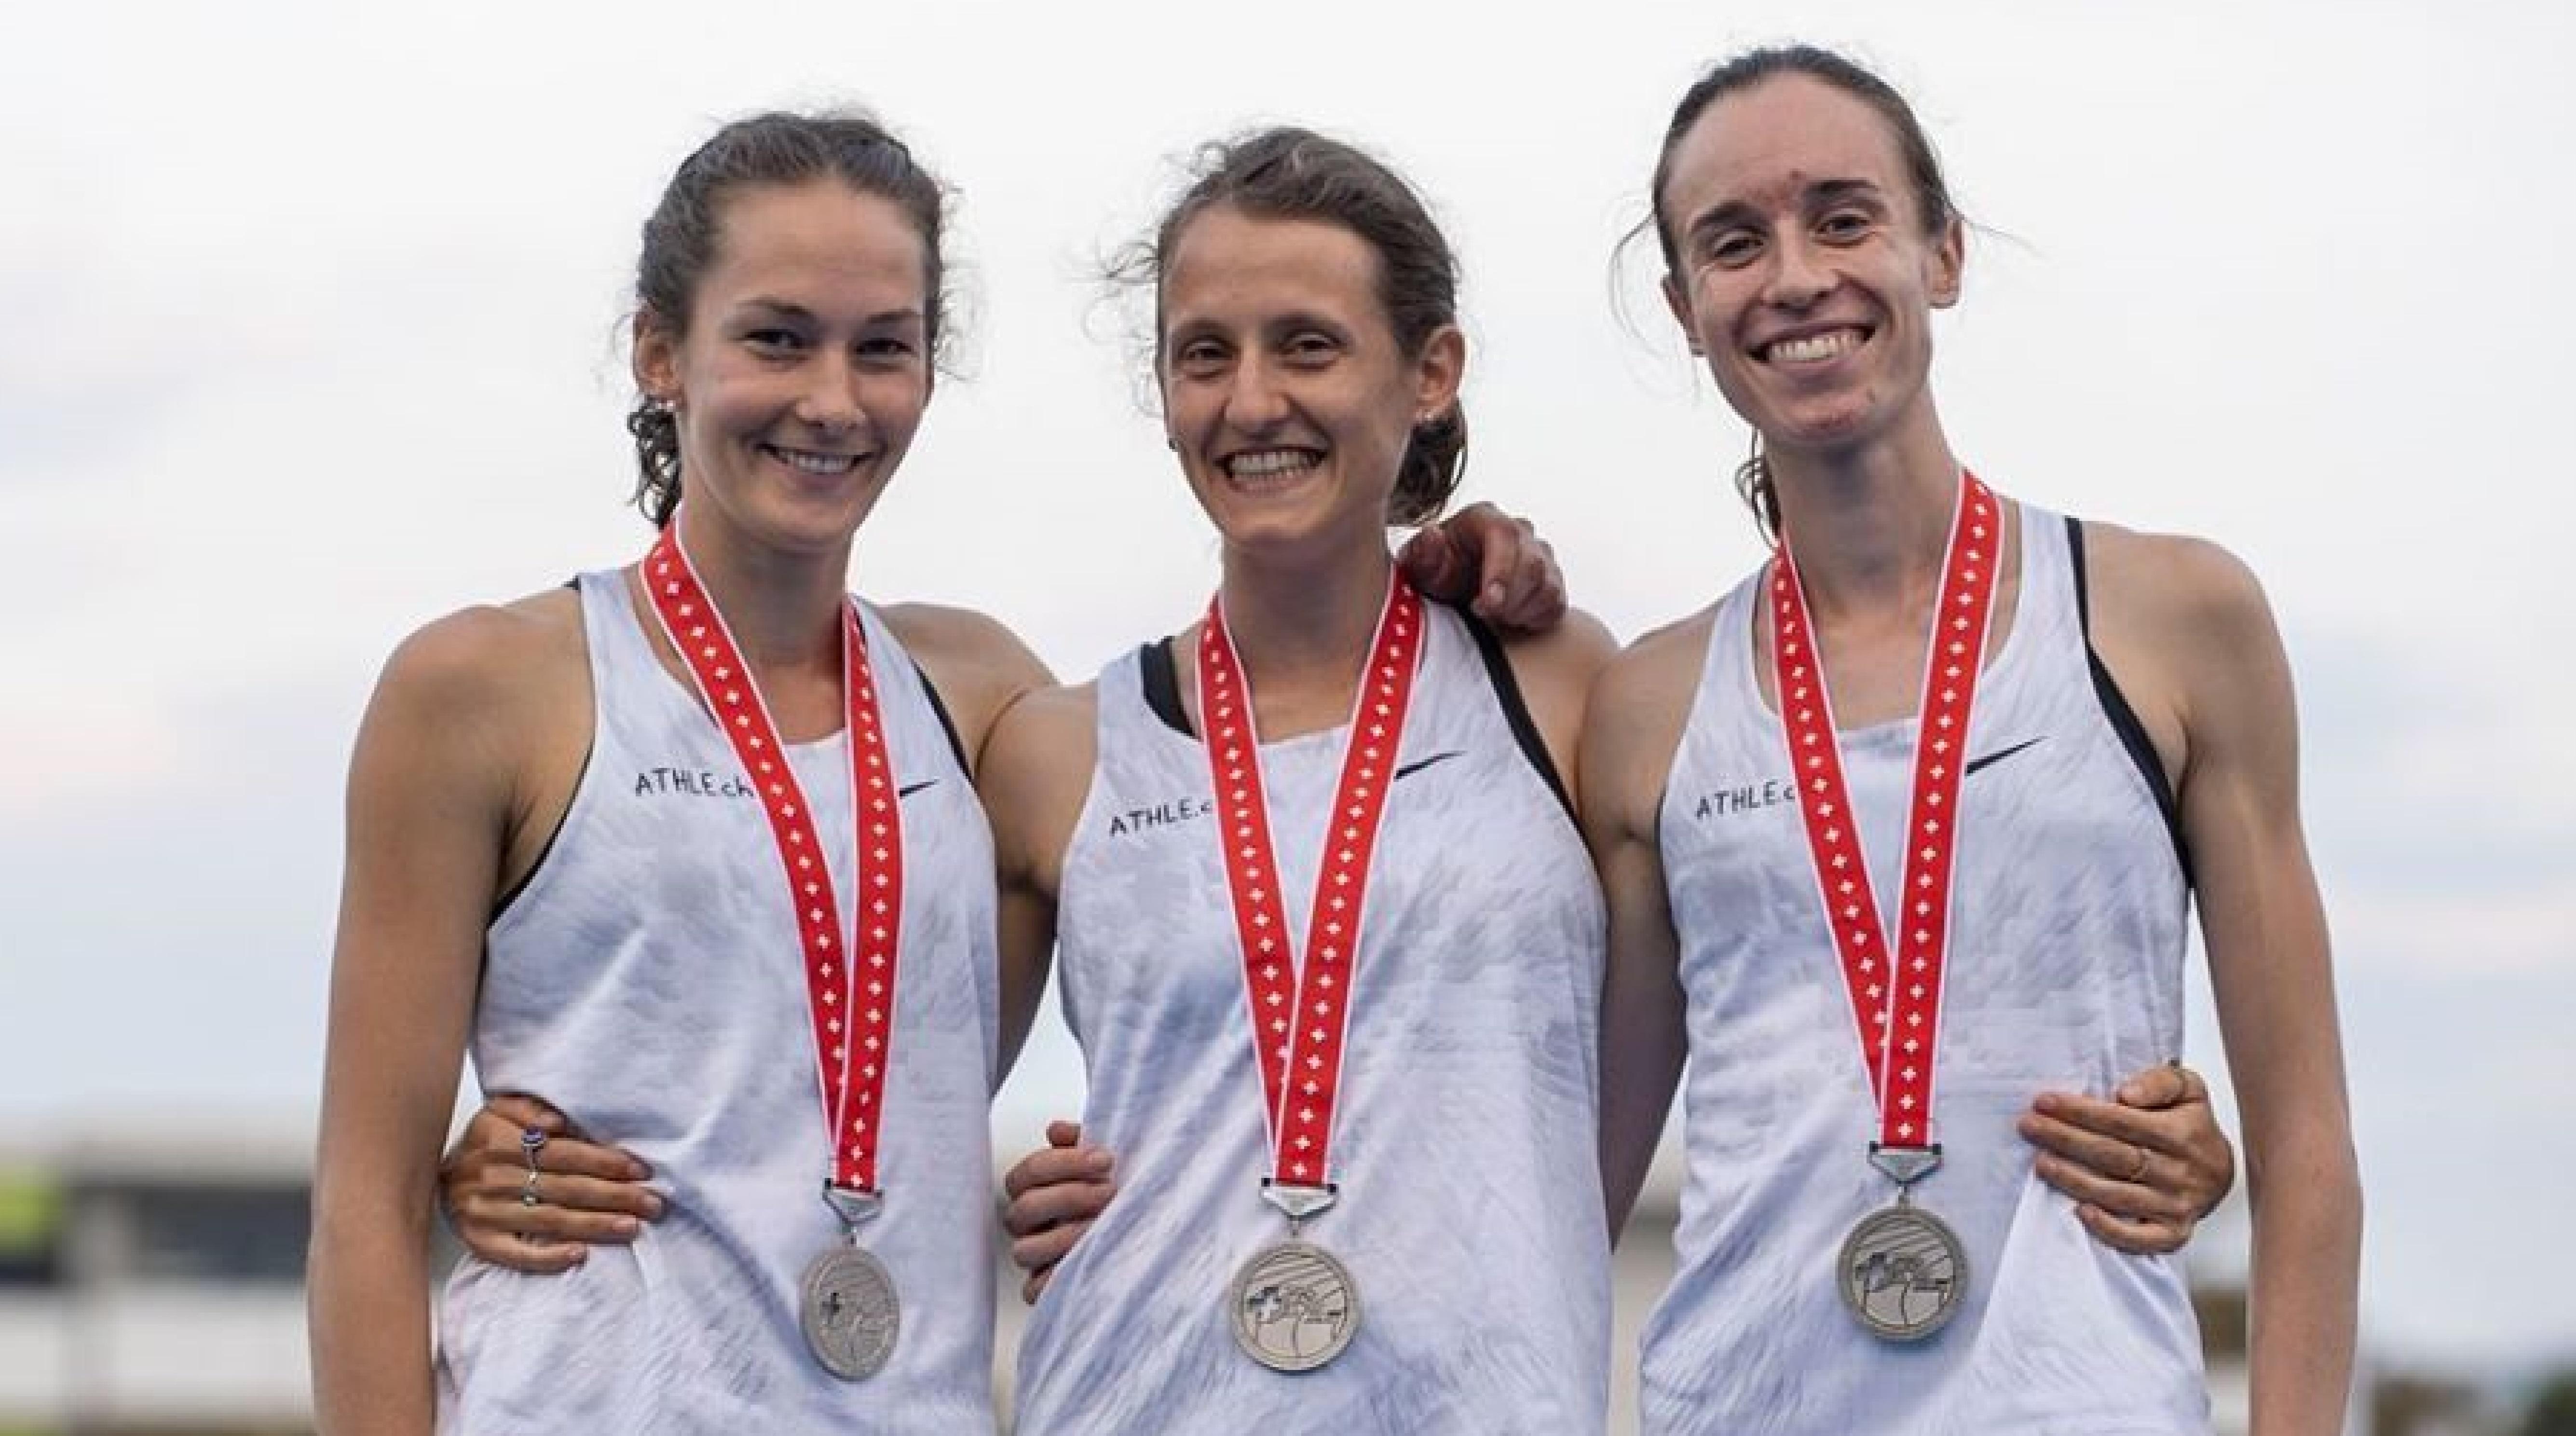 Championnats suisses de relais à Zoug